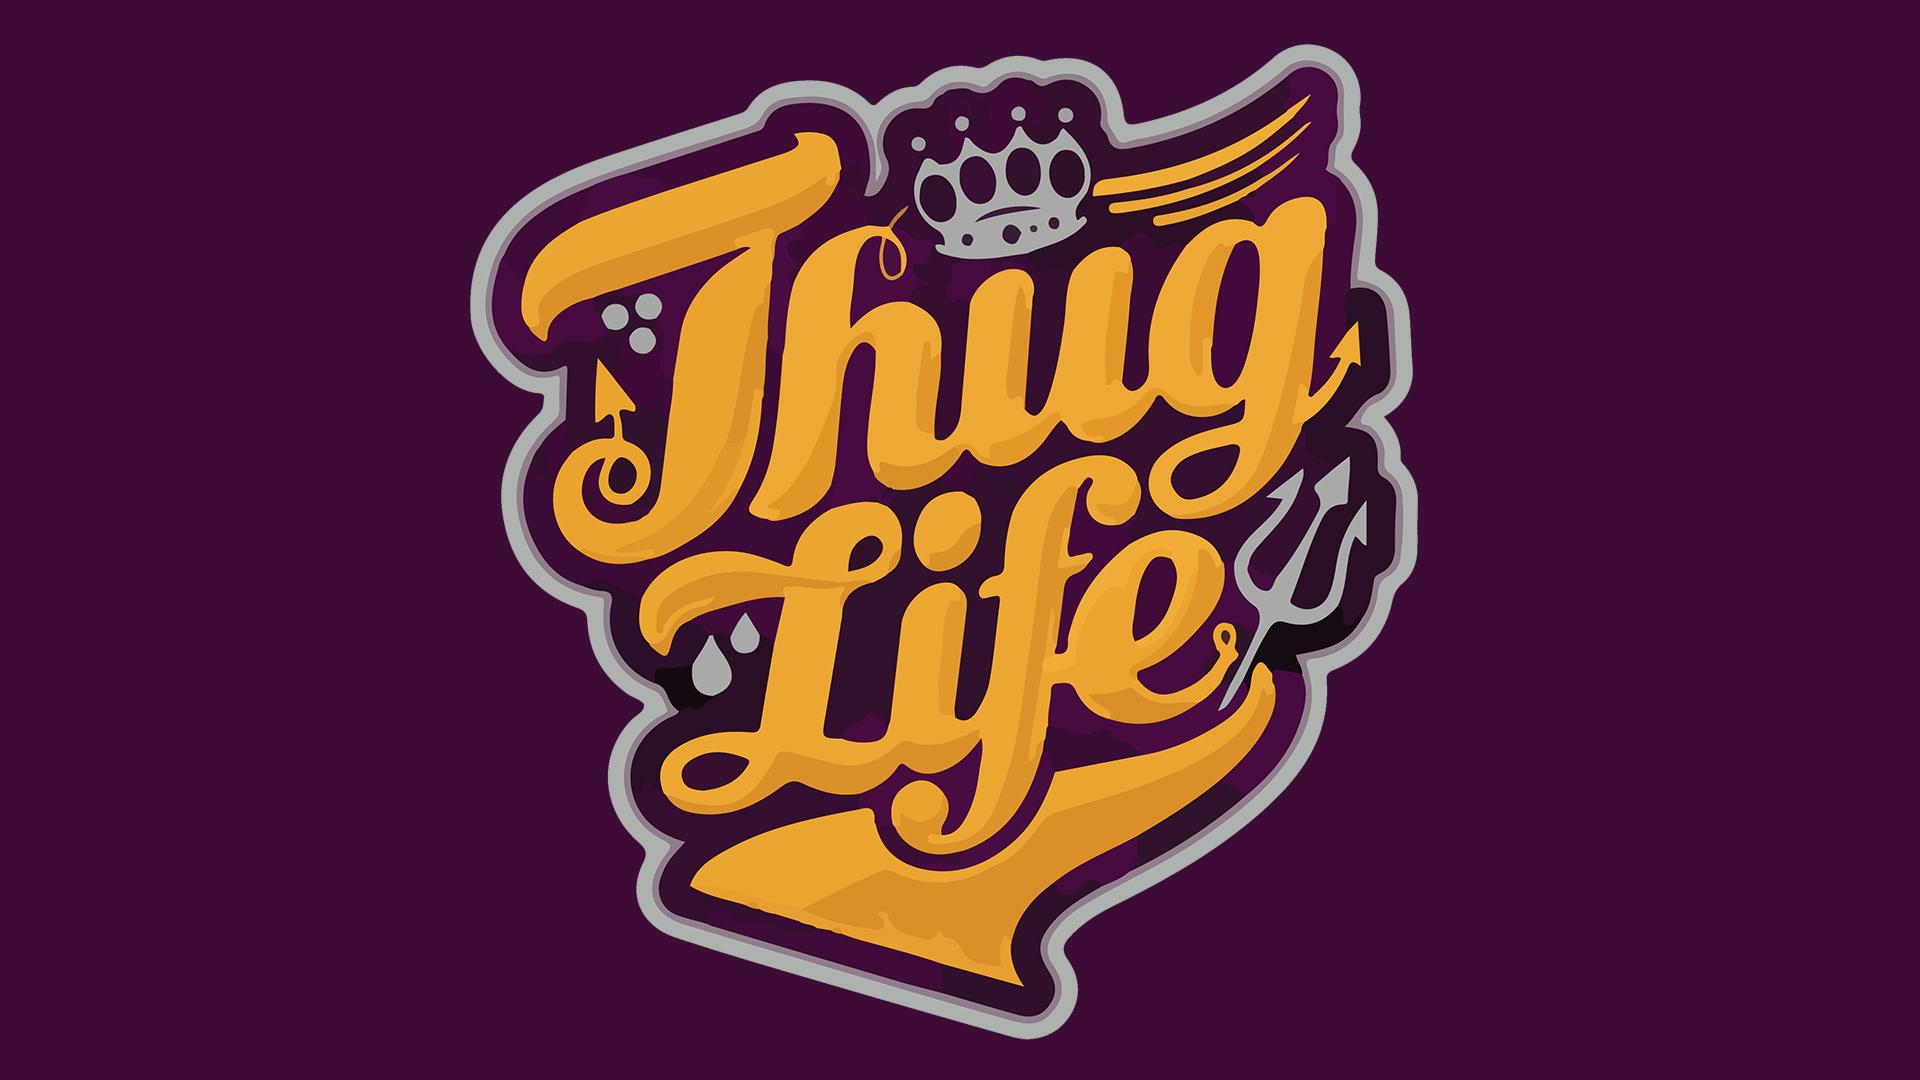 Snow white masks thug life d